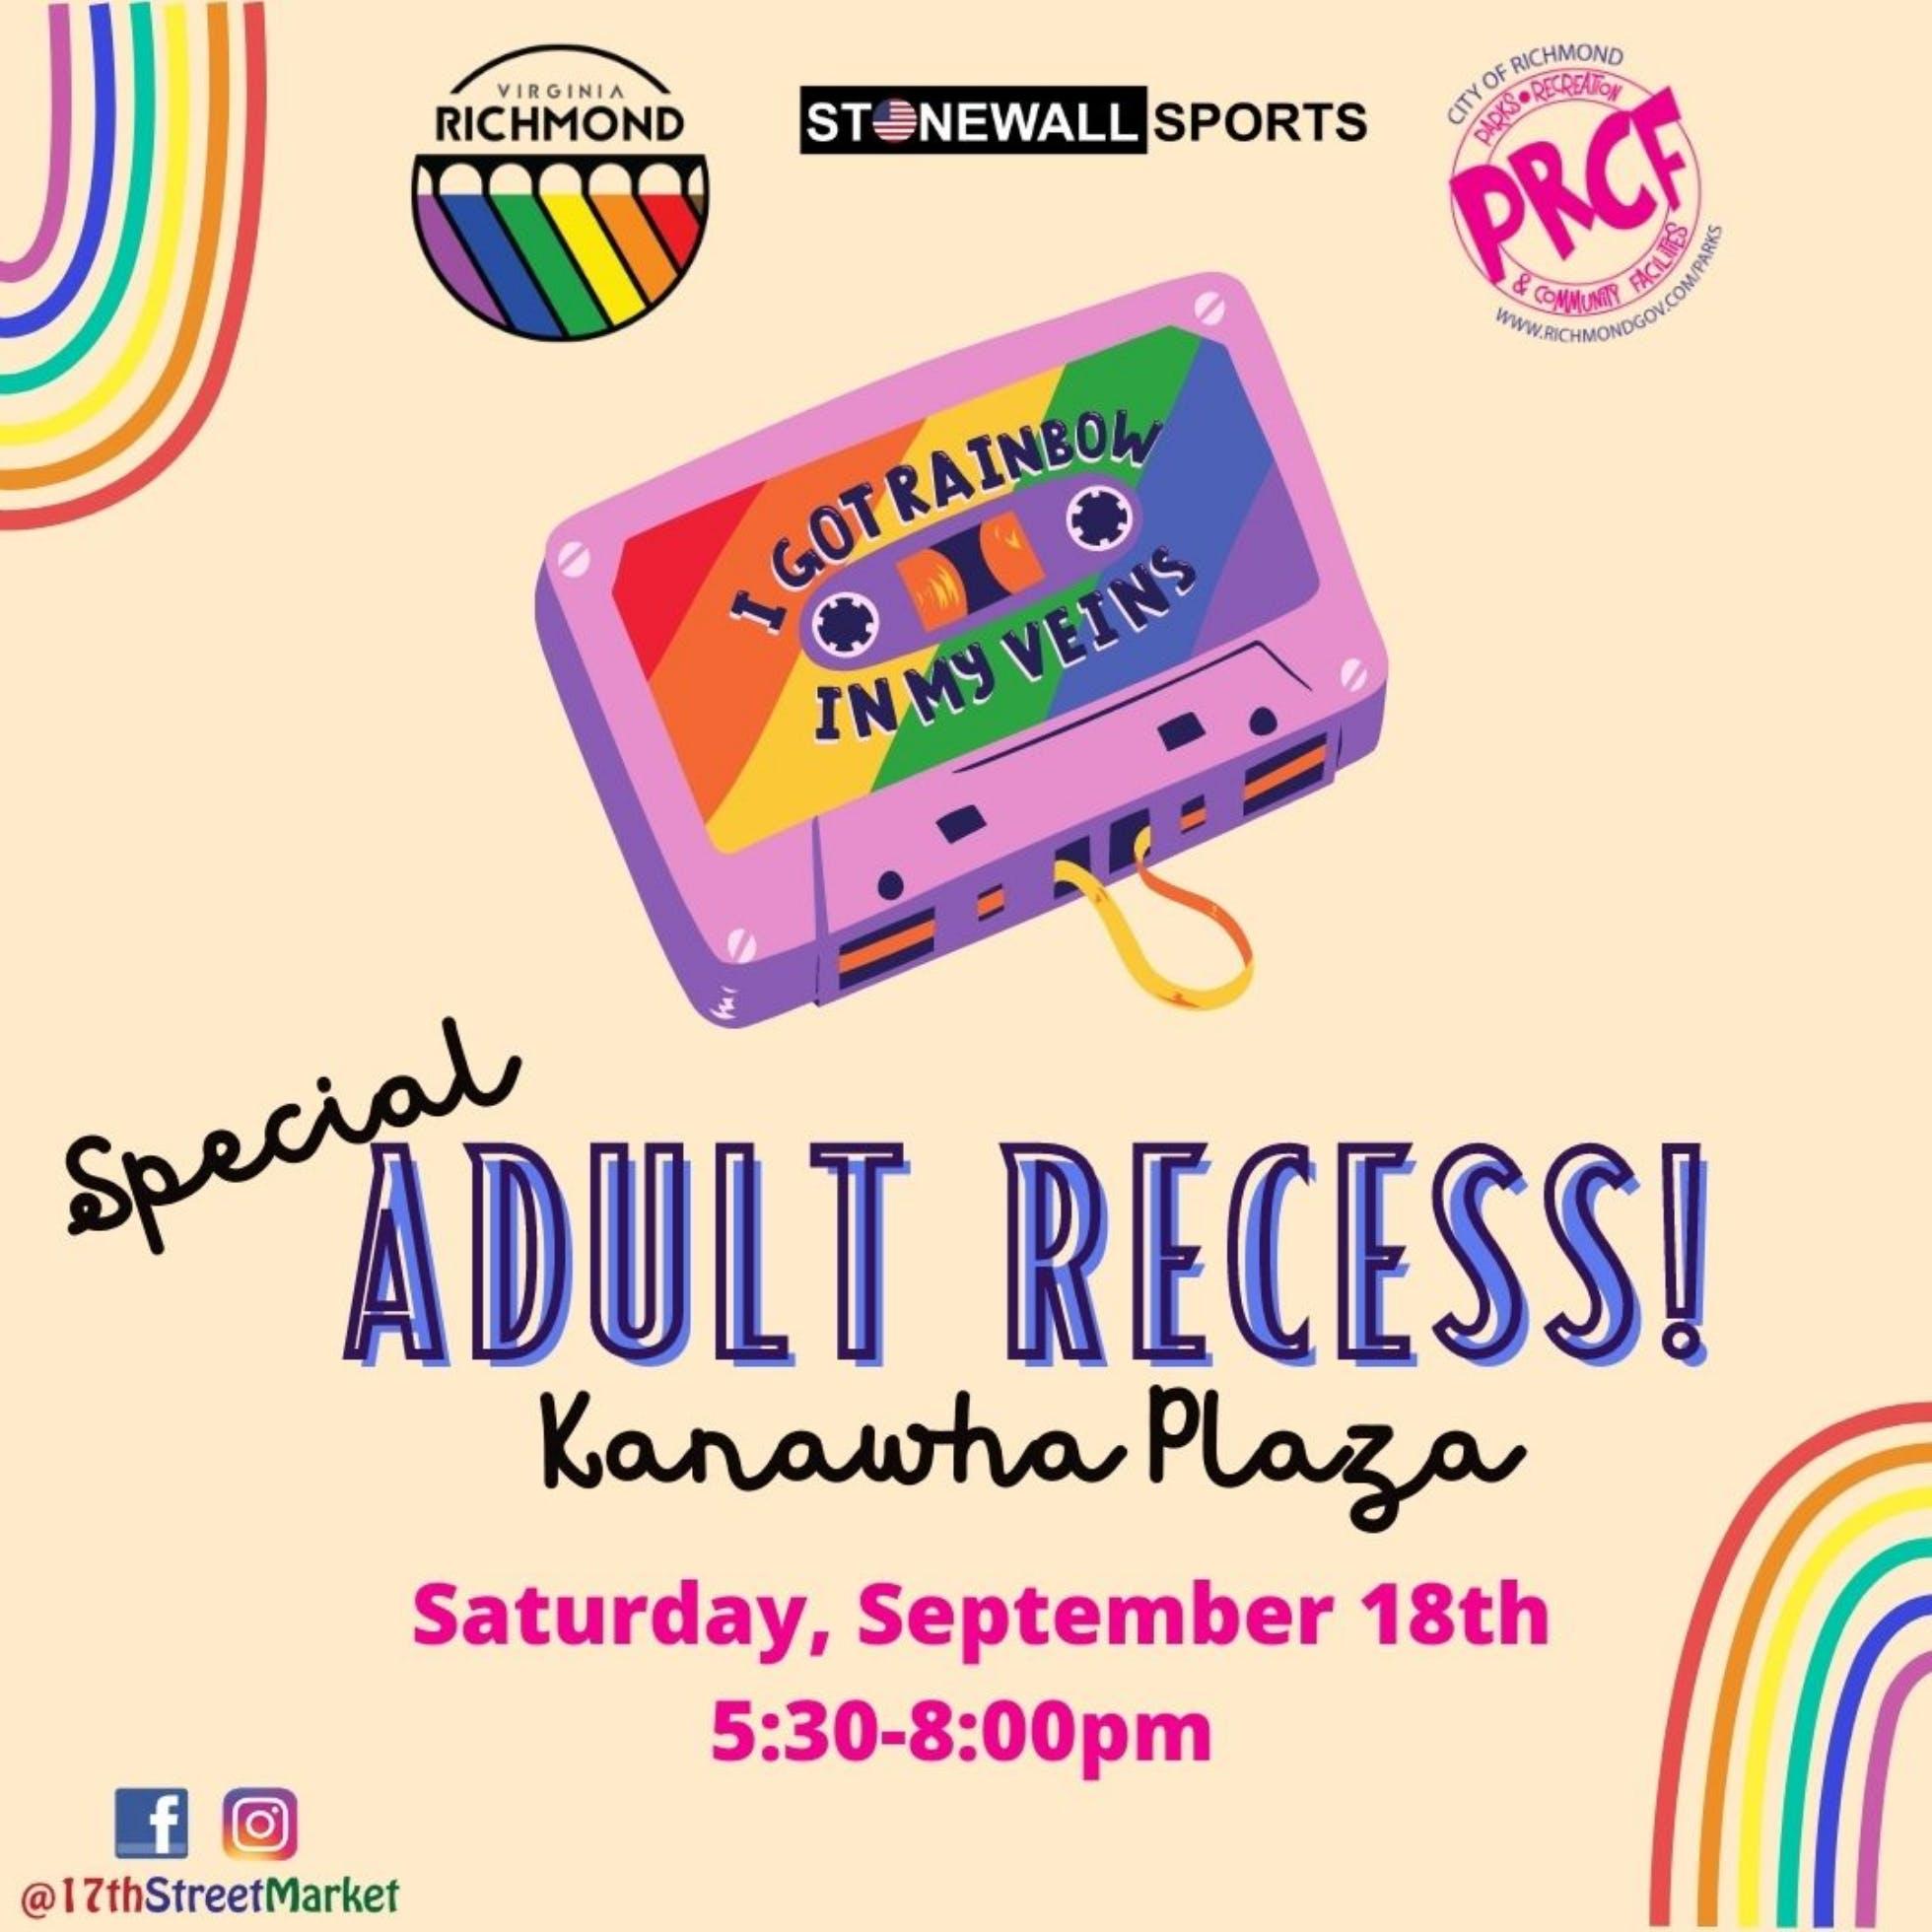 Special Adult Recess